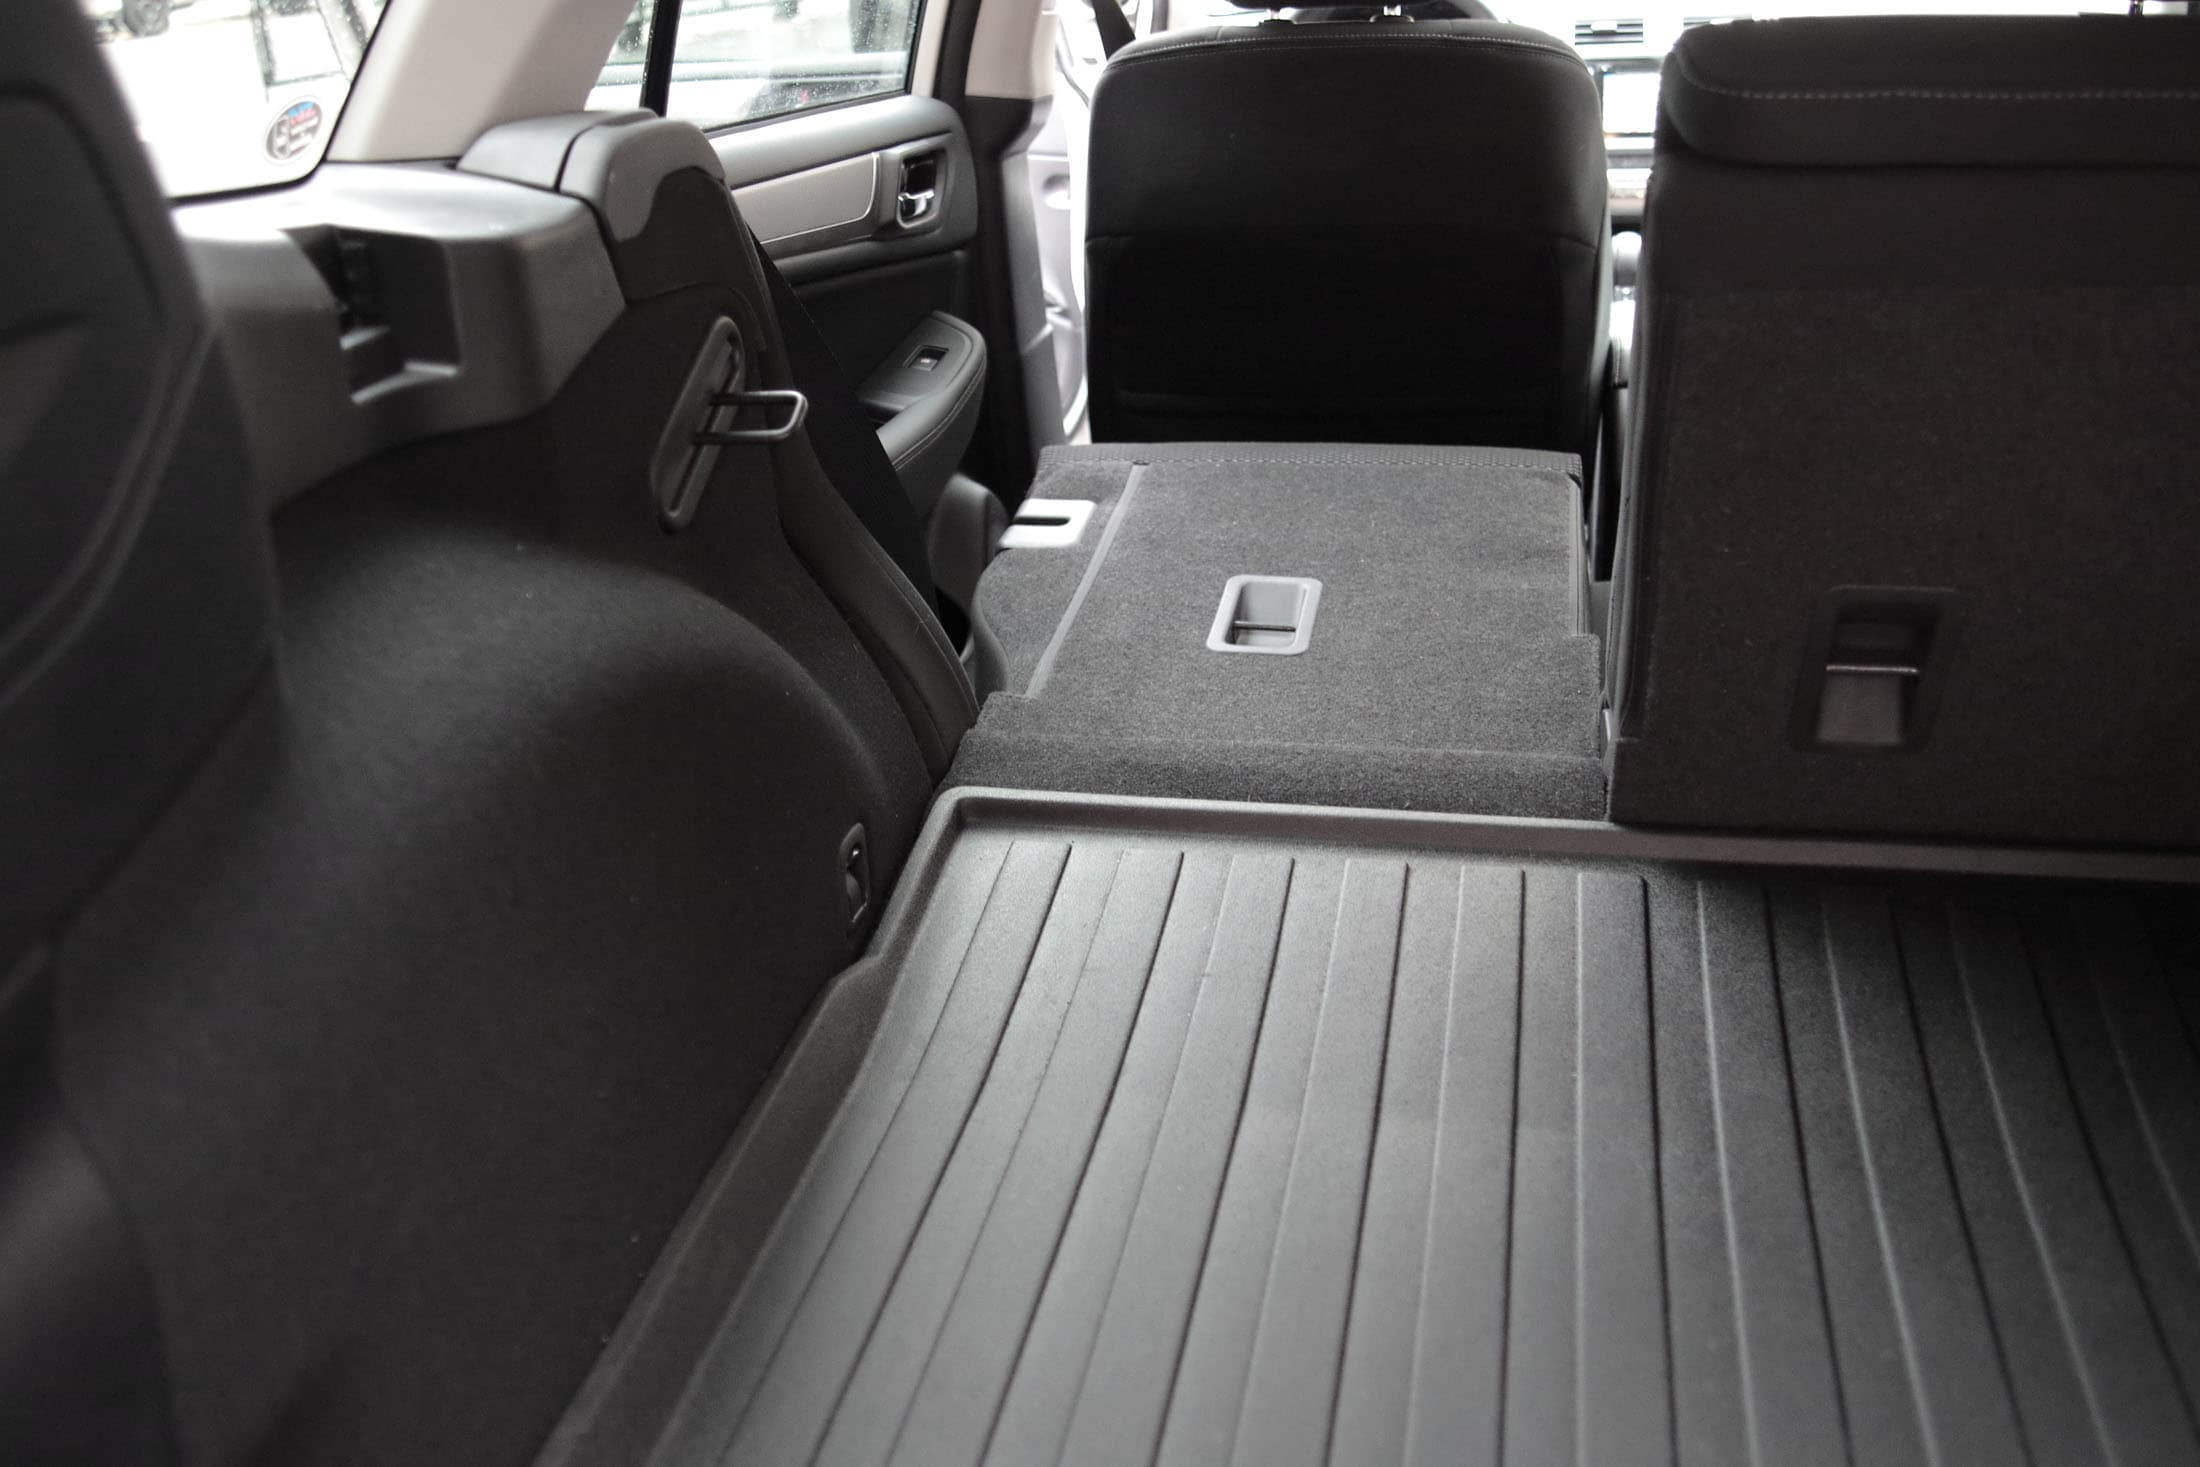 2015 Subaru Outback seats folded down